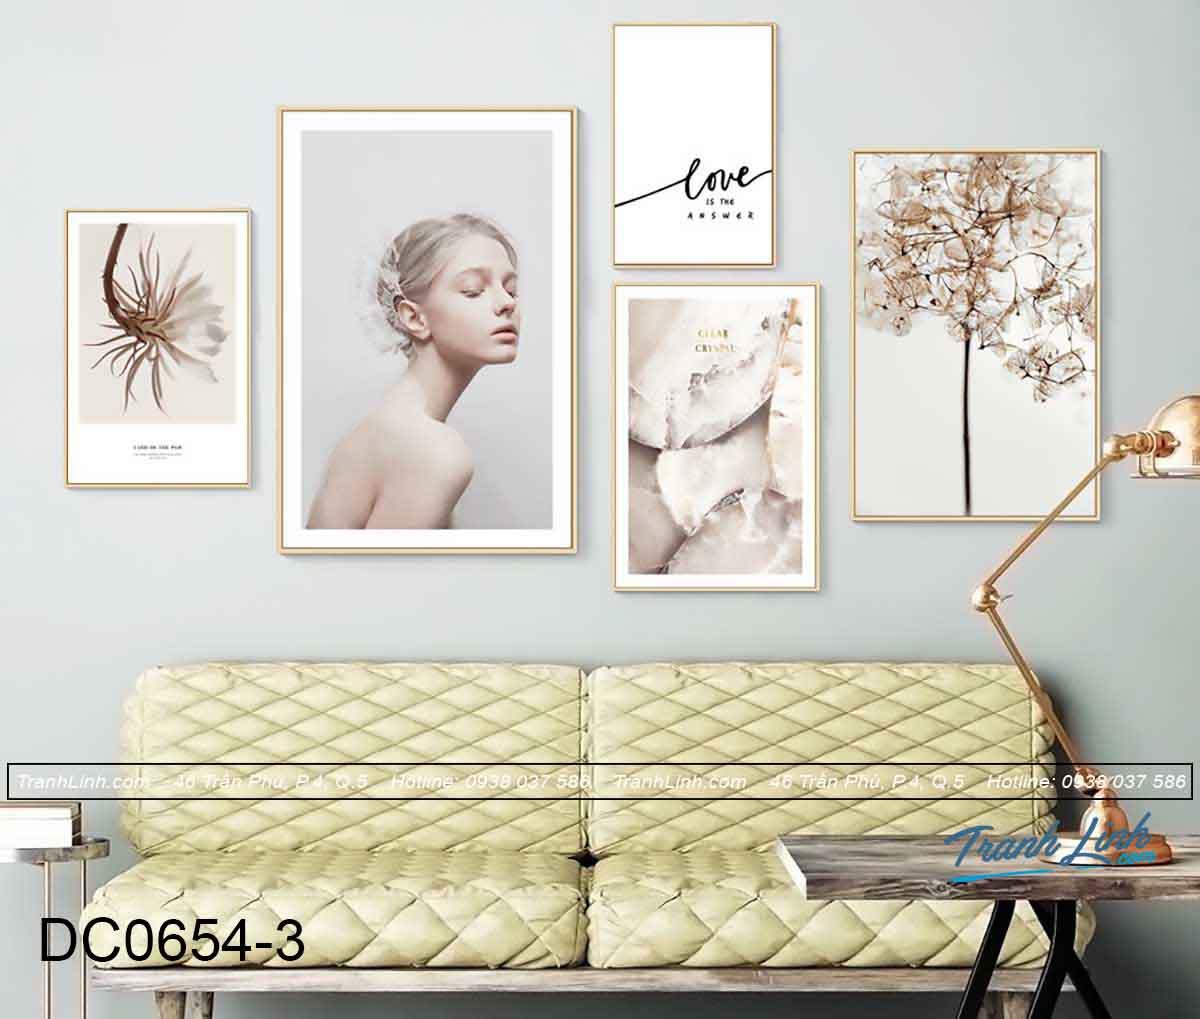 bo-tranh-canvas-treo-tuong-trang-tri-hoa-tiet-dc0654-1.jpg